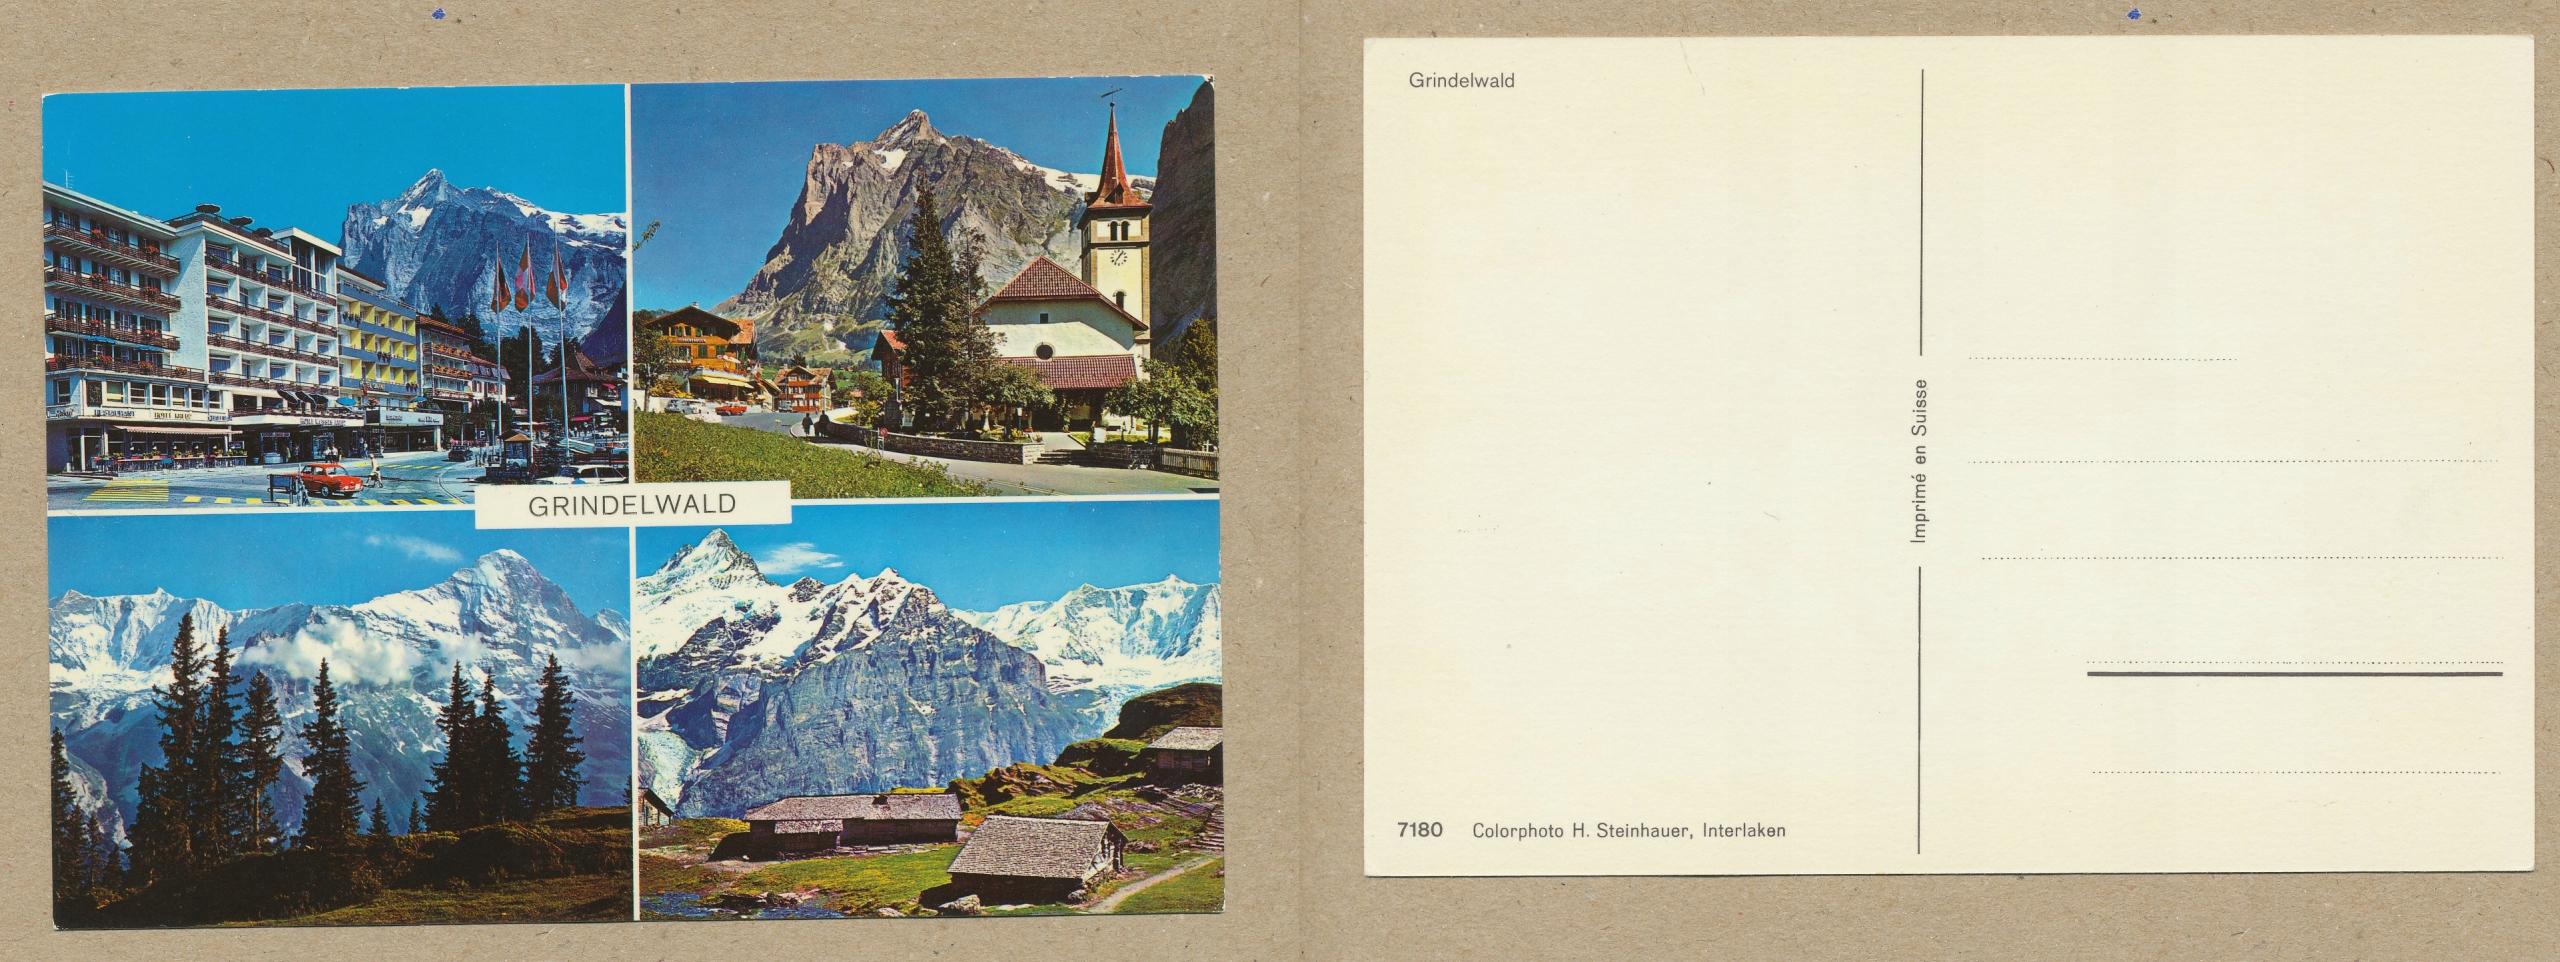 SZWAJCARIA - GRINDELWALD mix zdjęć Interlaken